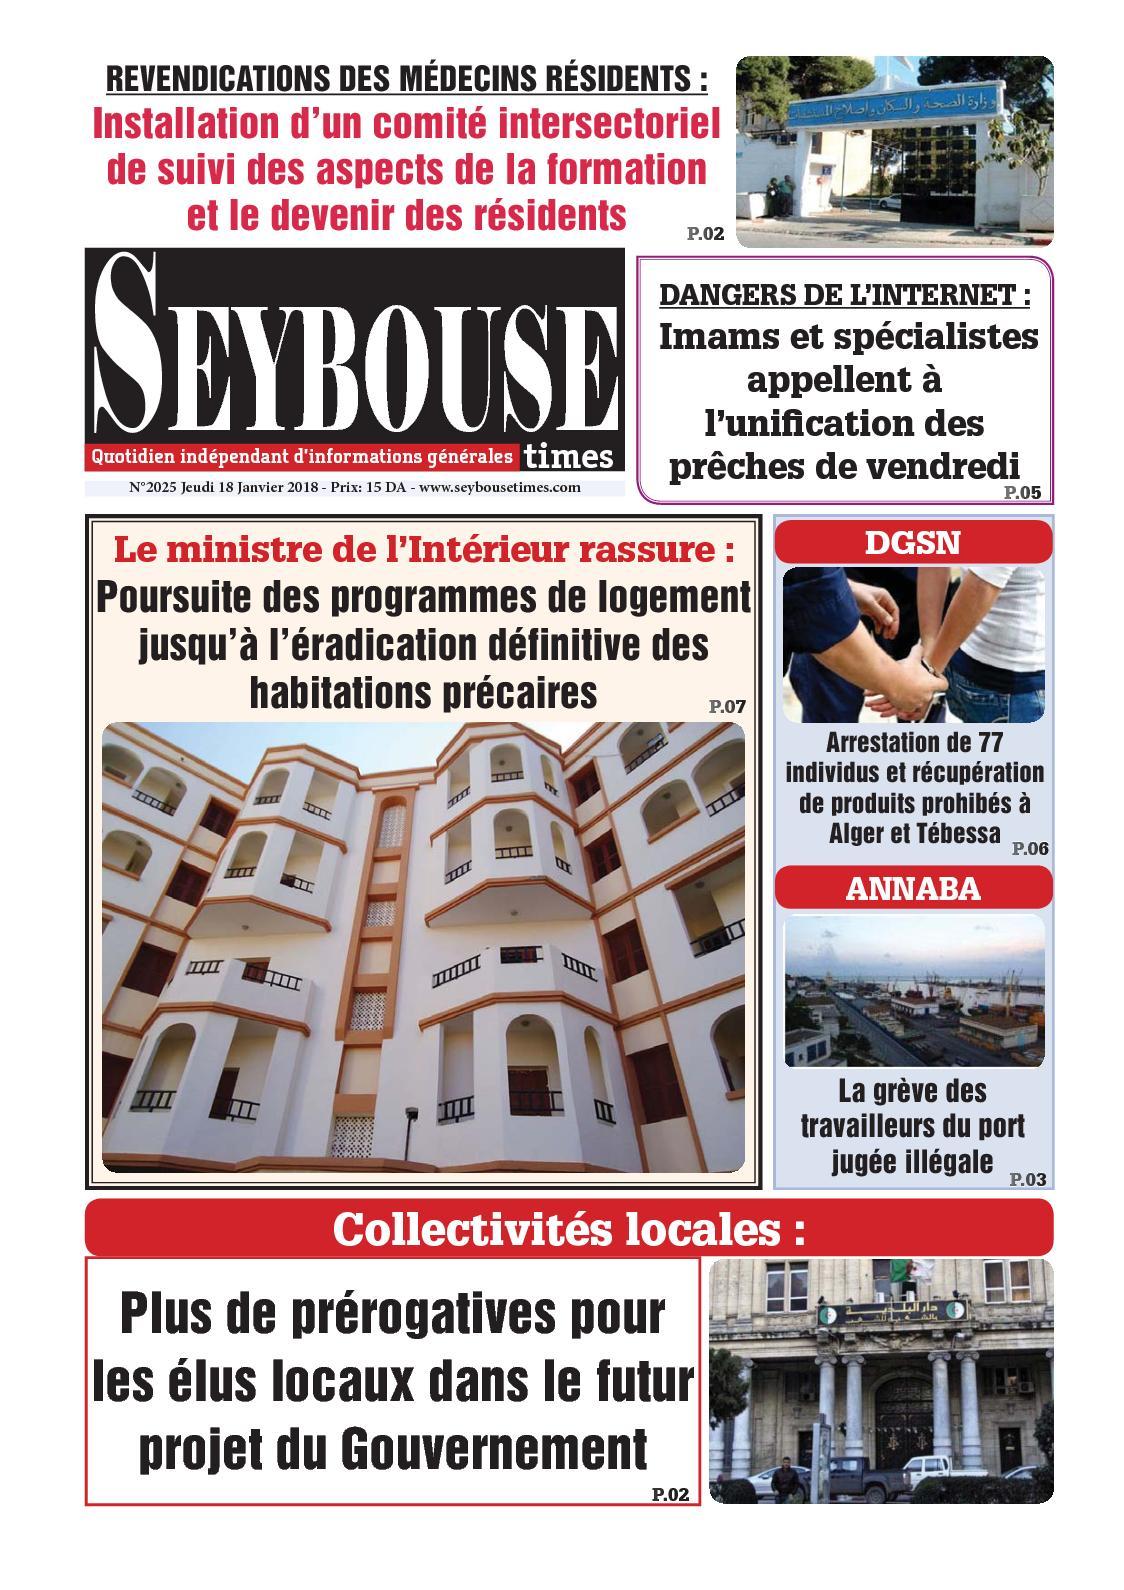 Calaméo - Seybousetimes 2025 avec Prohibé Mots Fléchés